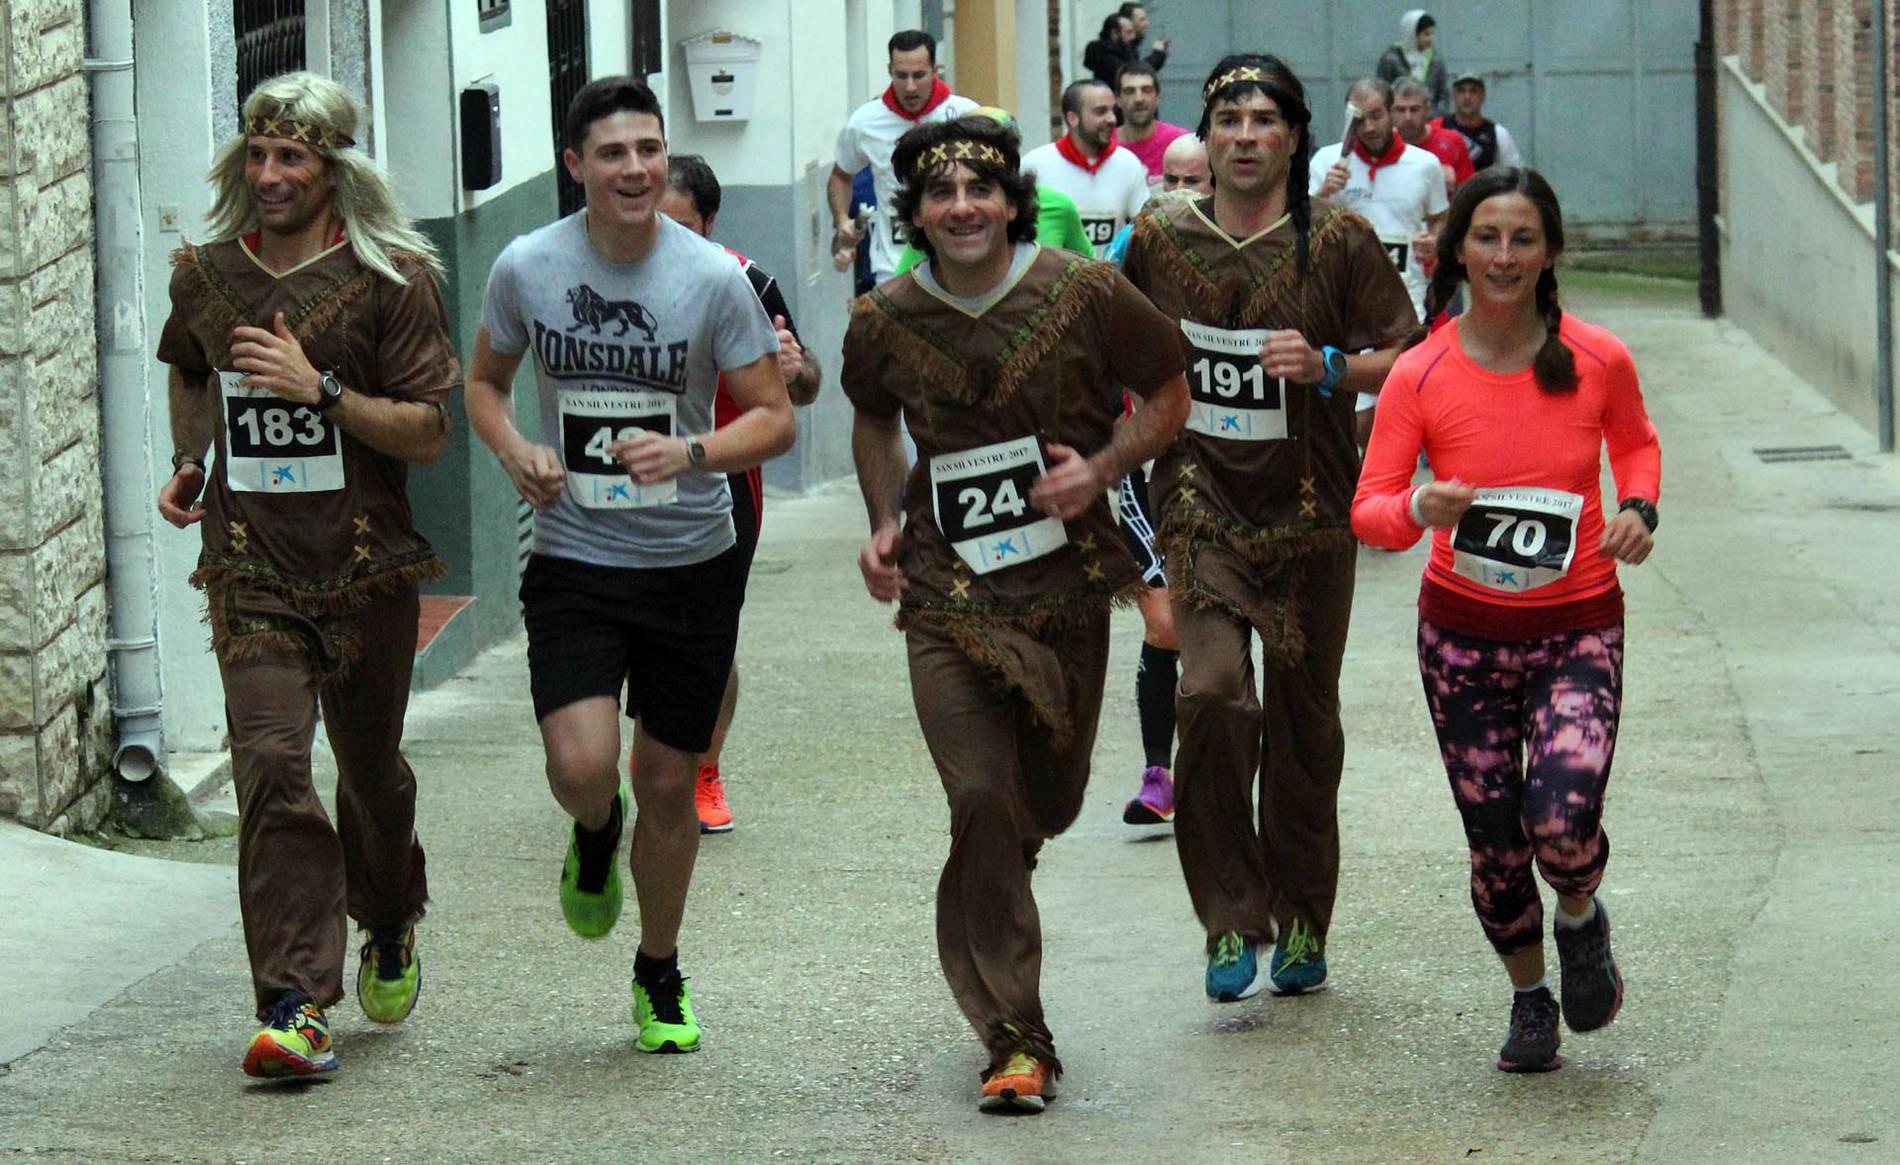 XXXIII San Silvestre de Lerín (1/13) - Galería de imágenes de la prestigiosa carrera celebrada en Lerín el 31 de diciembre. - Carreras populares DNRunning -